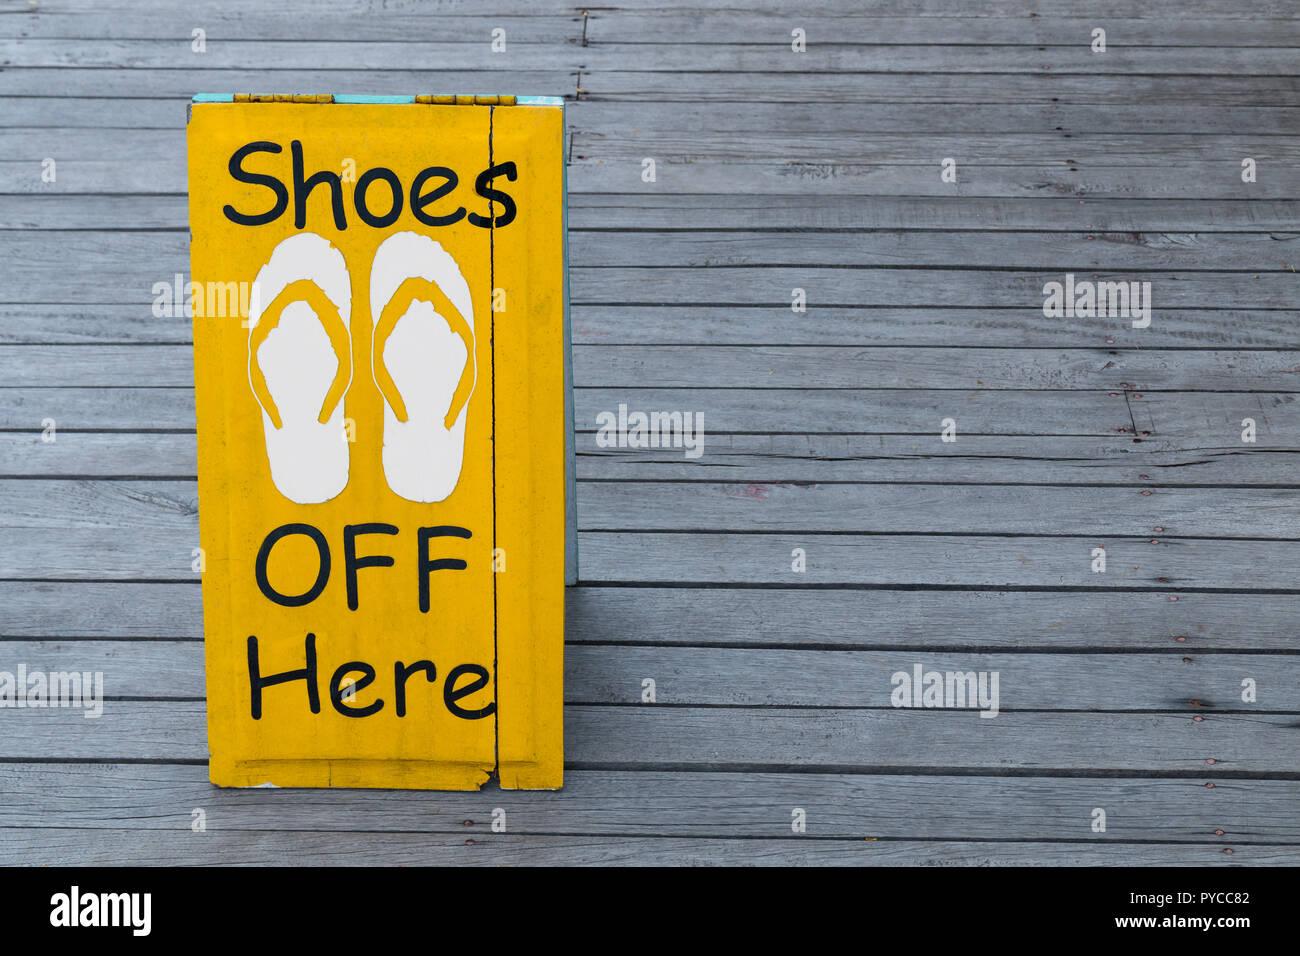 749d4855a33756 Keine Schuhe auf dem Holzboden in gelber Farbe Stockfoto